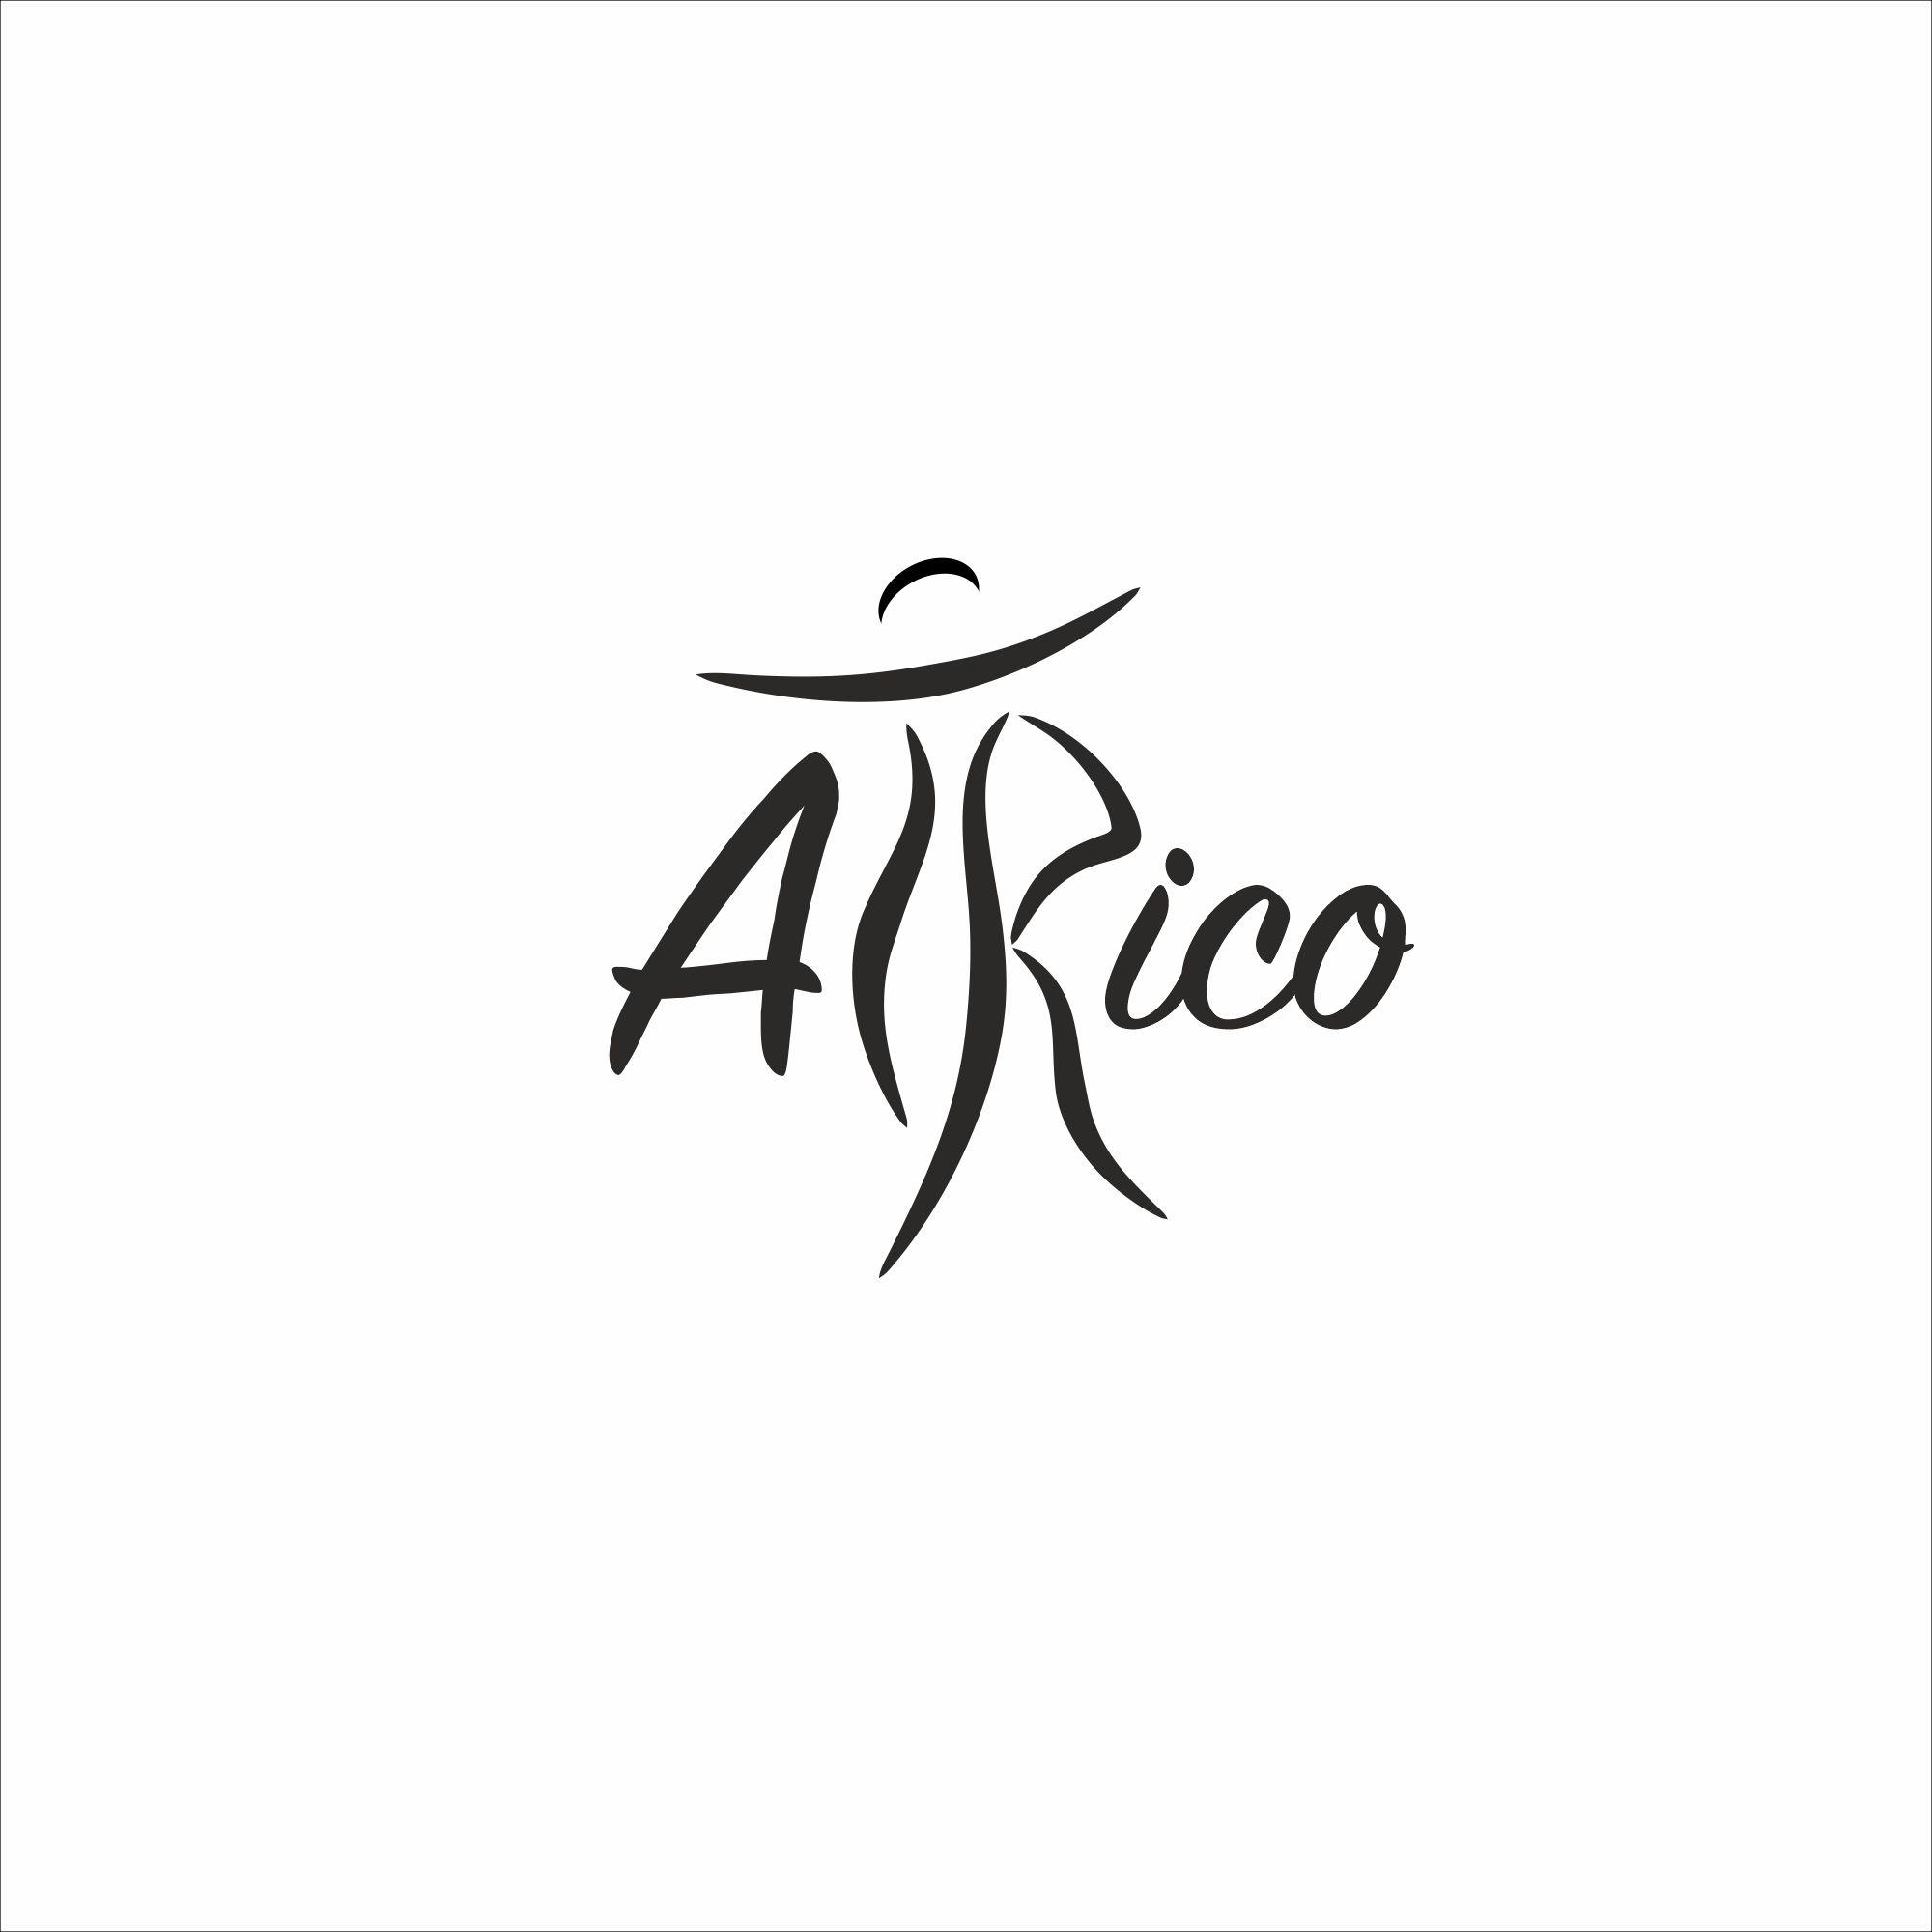 Логотип для брендовой пряжи и трикотажной одежды фото f_1805fff1d64e2220.jpg